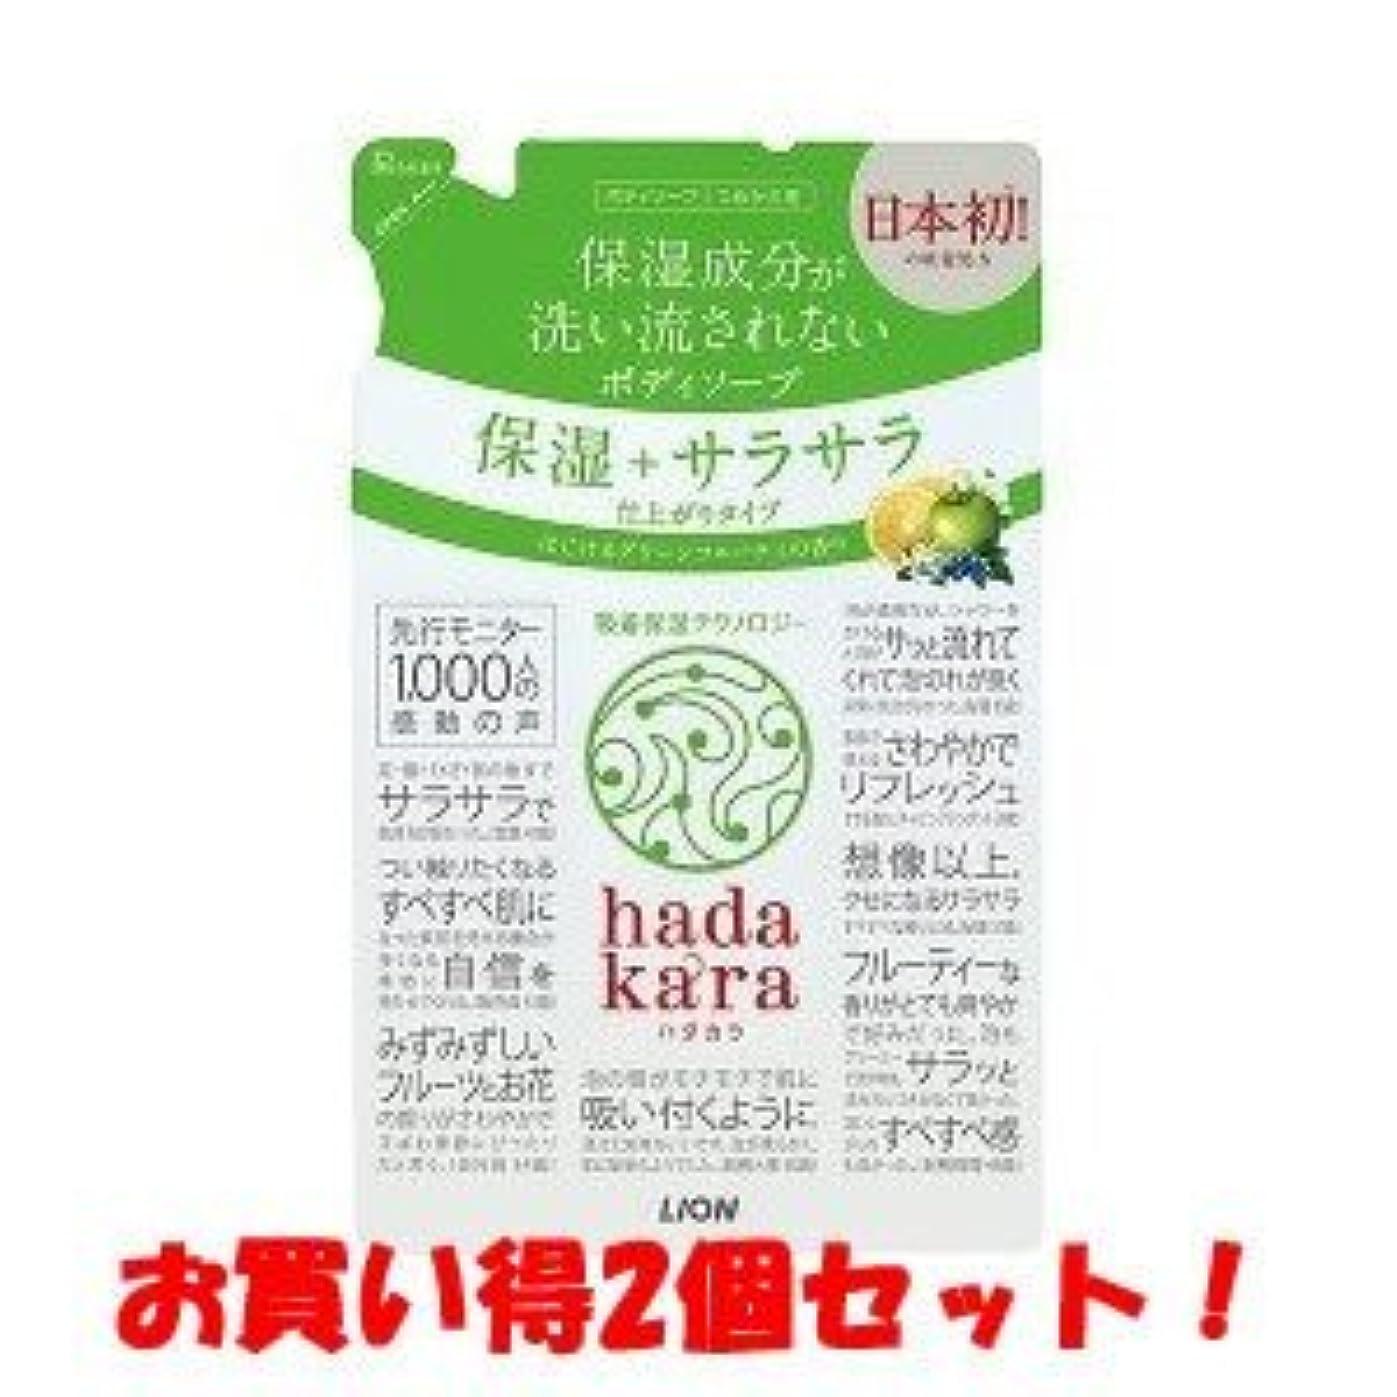 エンディングセッティング馬鹿げた(2017年新商品)(ライオン)hadakara(ハダカラ) ボディソープ 保湿+サラサラ仕上がりタイプ グリーンフルーティの香り つめかえ用 340ml(お買い得2個セット)